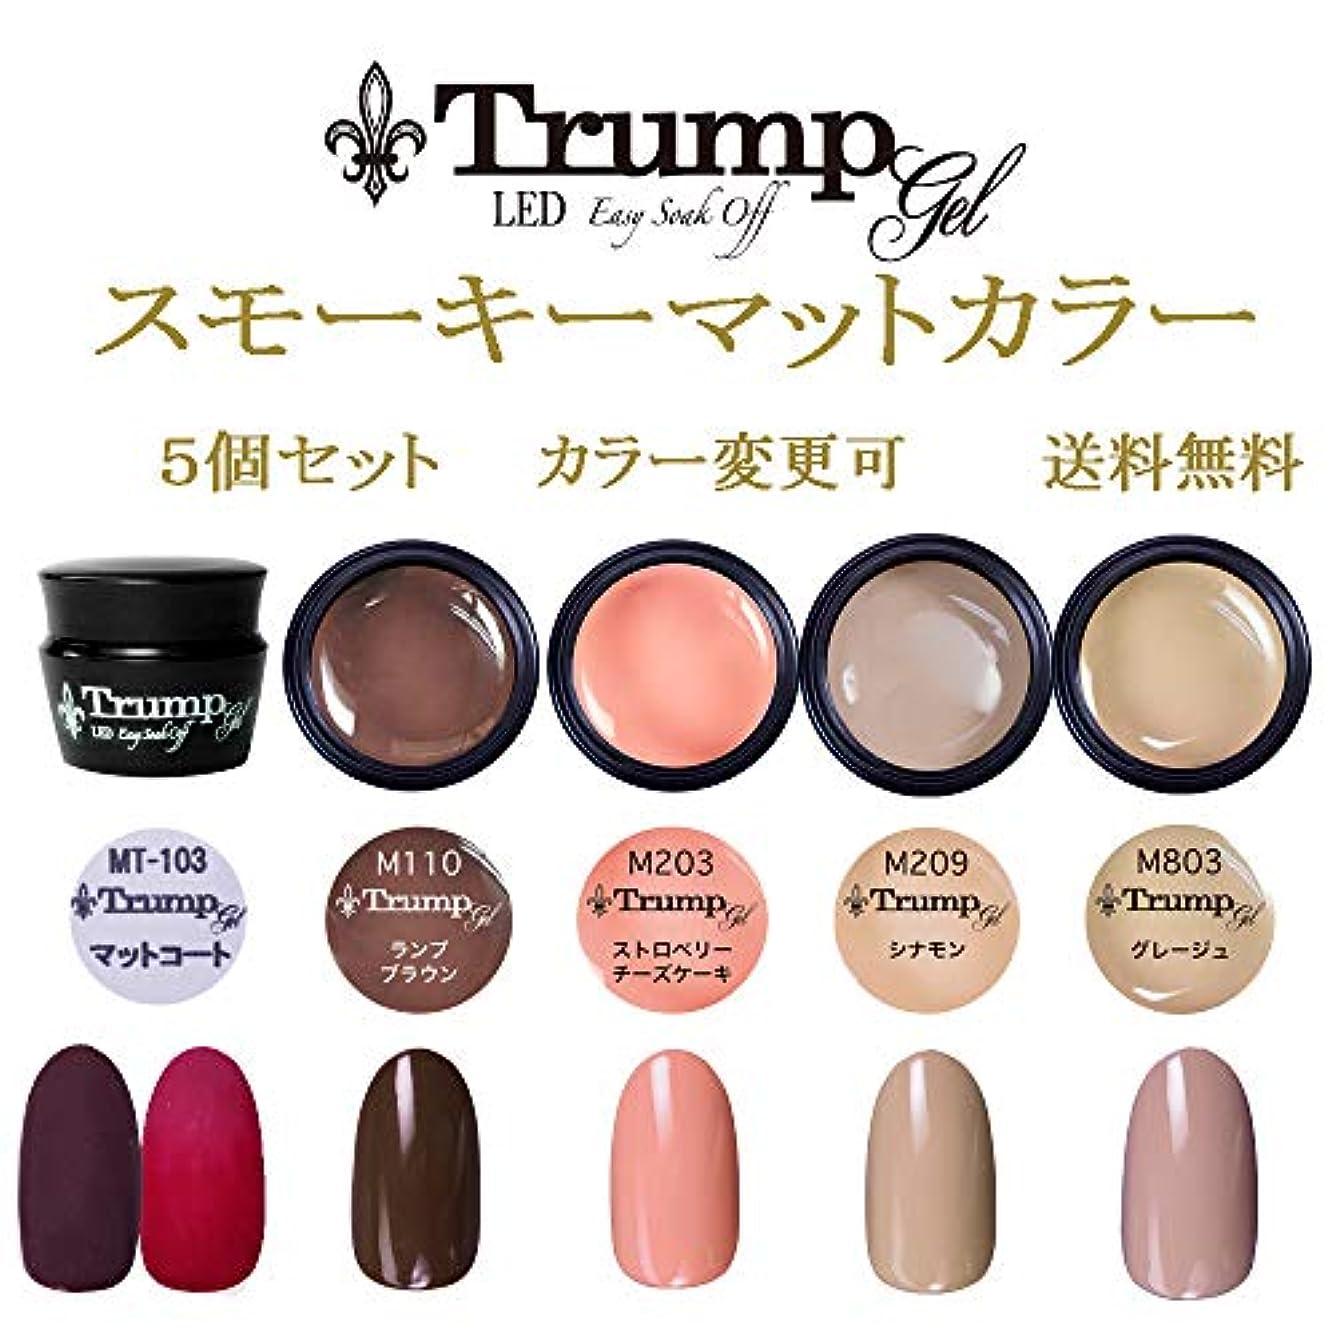 突き出す洪水避難【送料無料】日本製 Trump gel トランプジェル スモーキーマット カラージェル 5個セット 魅惑のフロストマットトップとマットに合う人気カラーをチョイス